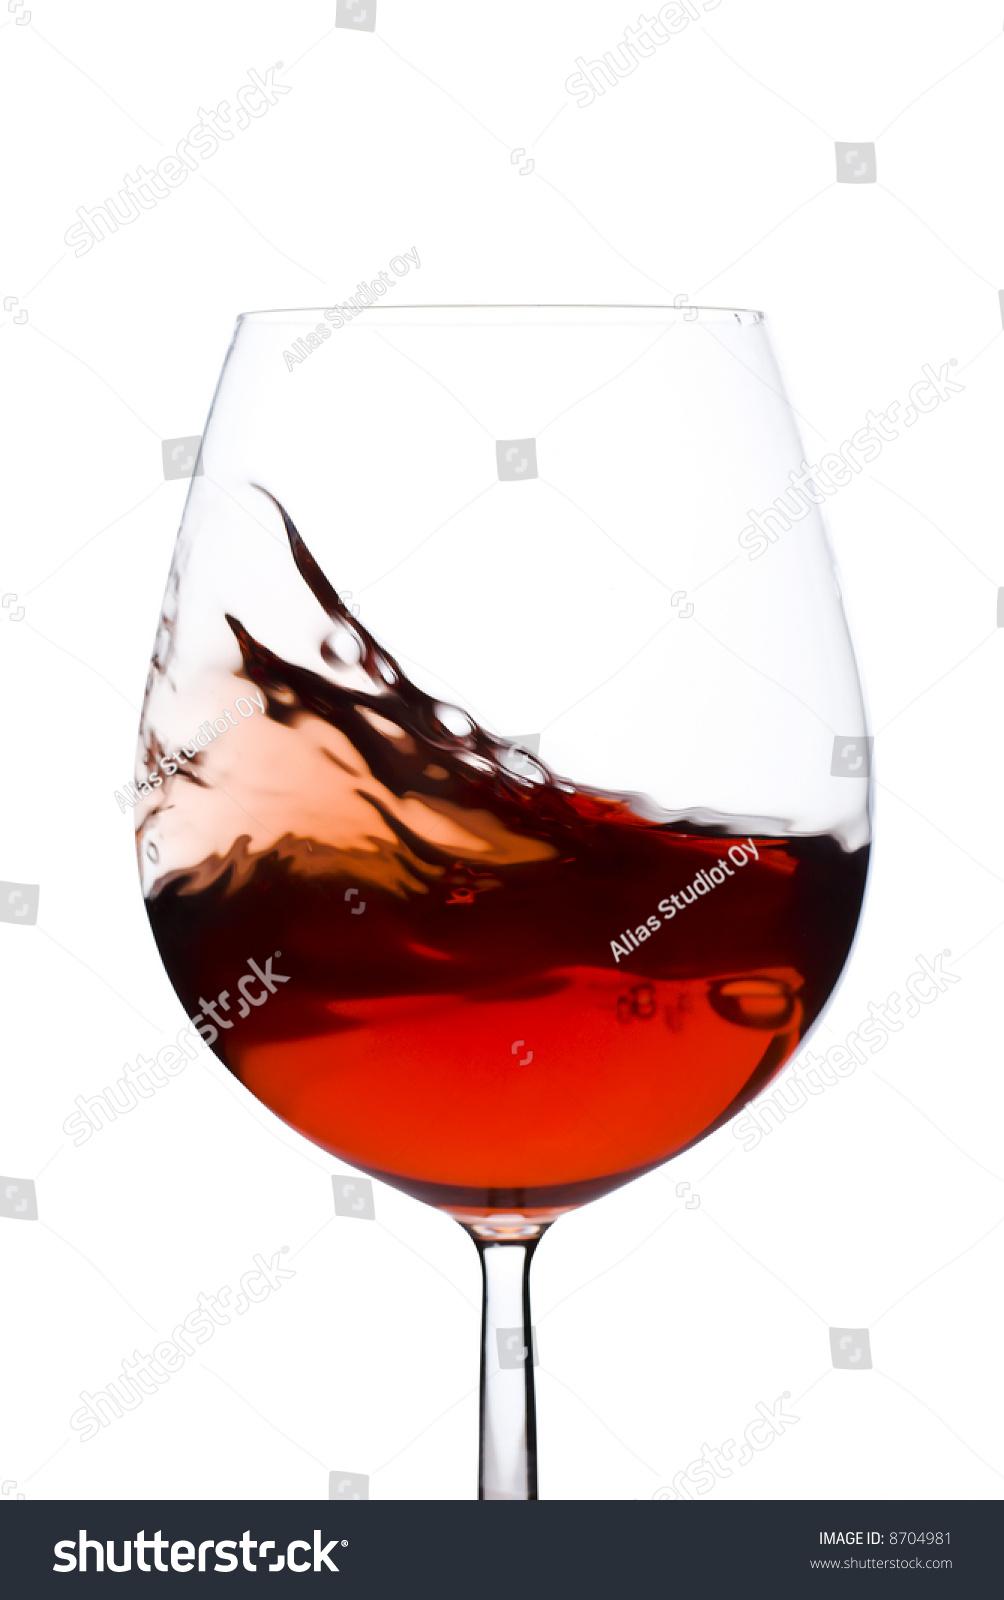 孤立和红酒杯在白色背景之间移动